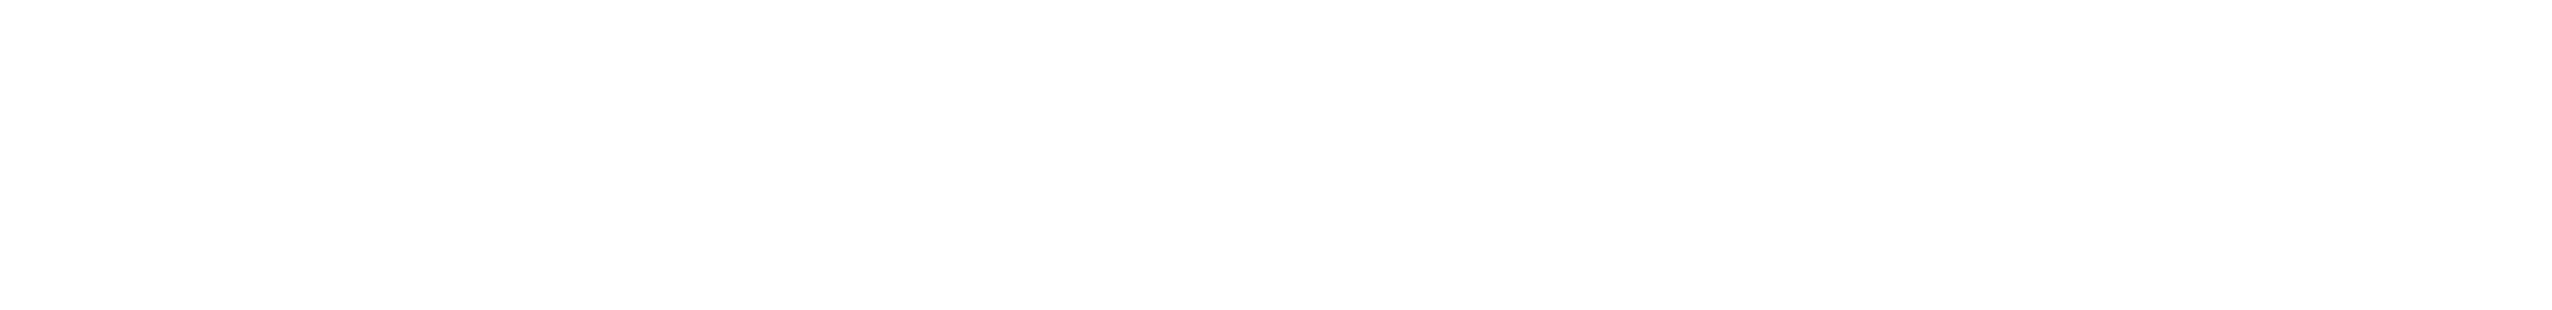 Forum Prévoyance - 2 septembre 2021